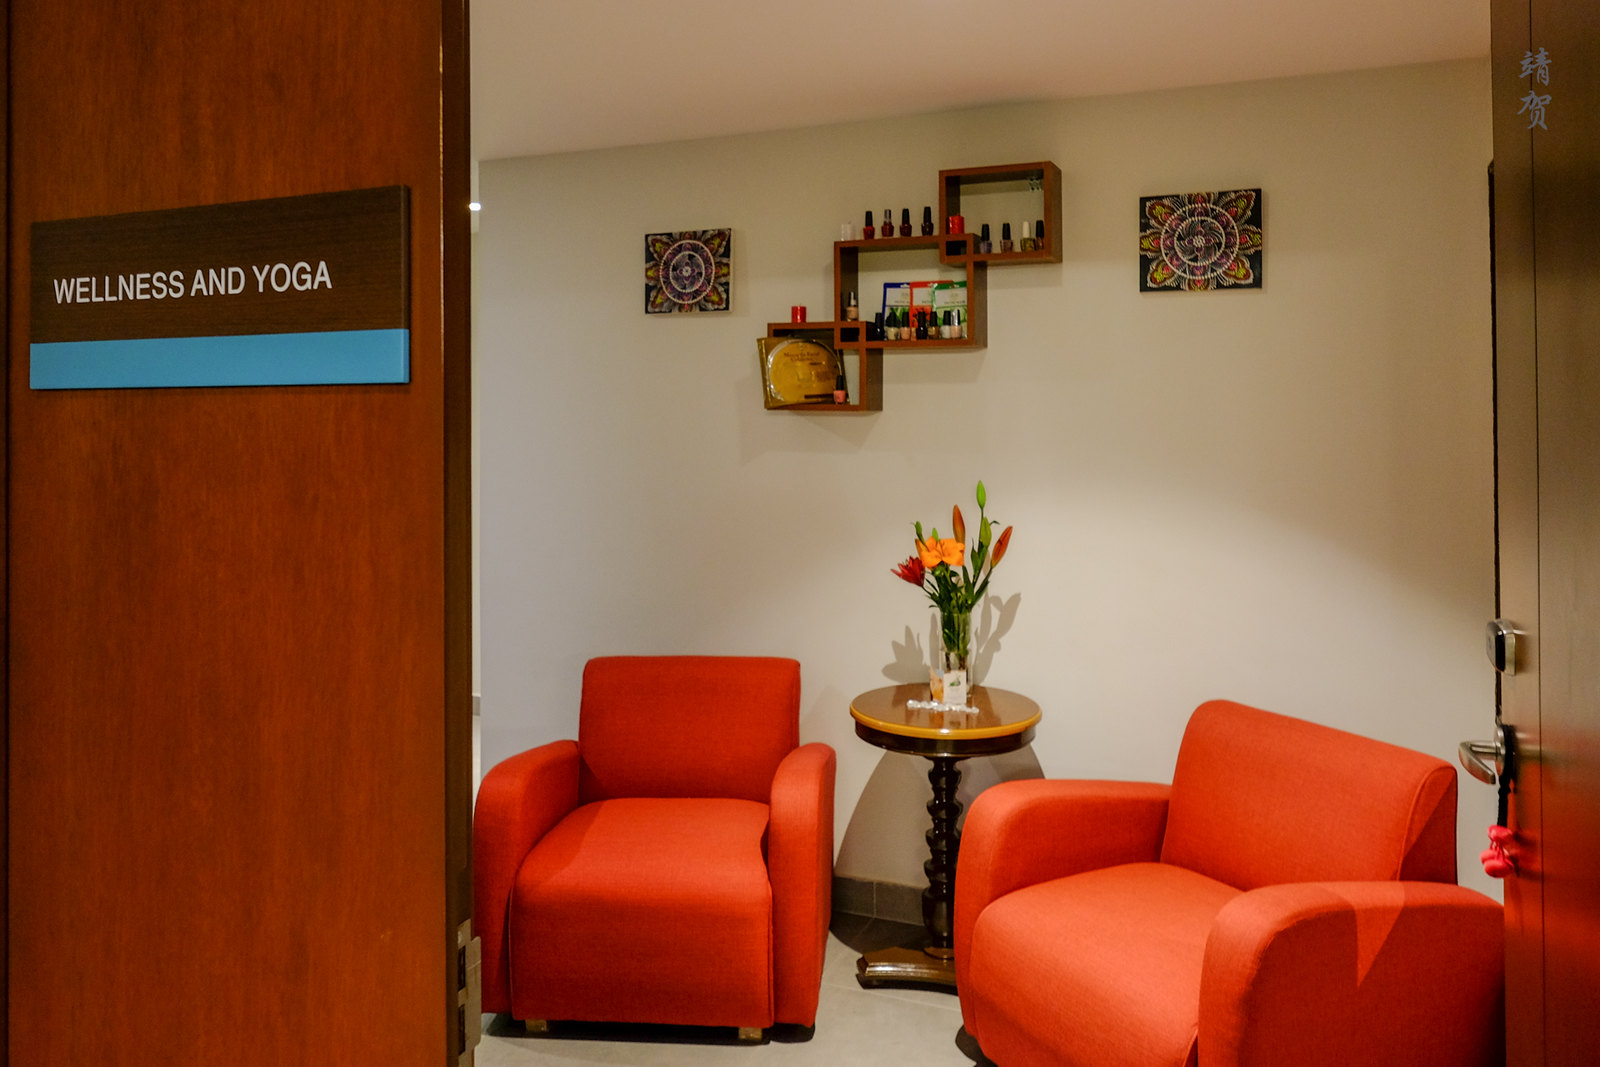 Wellness and yoga room